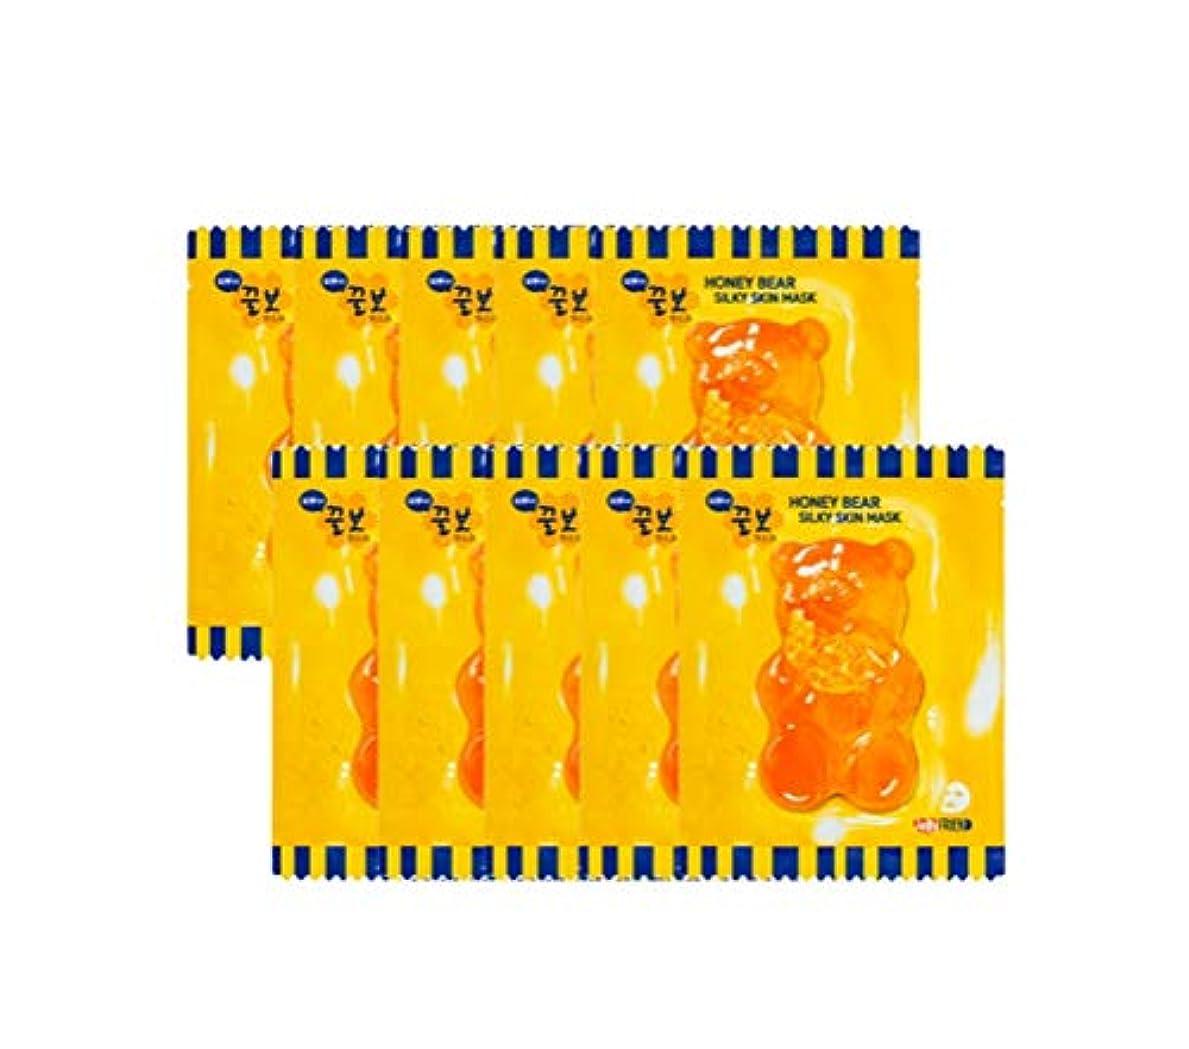 ポイントやさしい半ばJellyFRIEN Honey Bear Silky Skin Mask 10ea ロイヤルゼリー蜂蜜成分と保湿マスクパック(海外直送品)